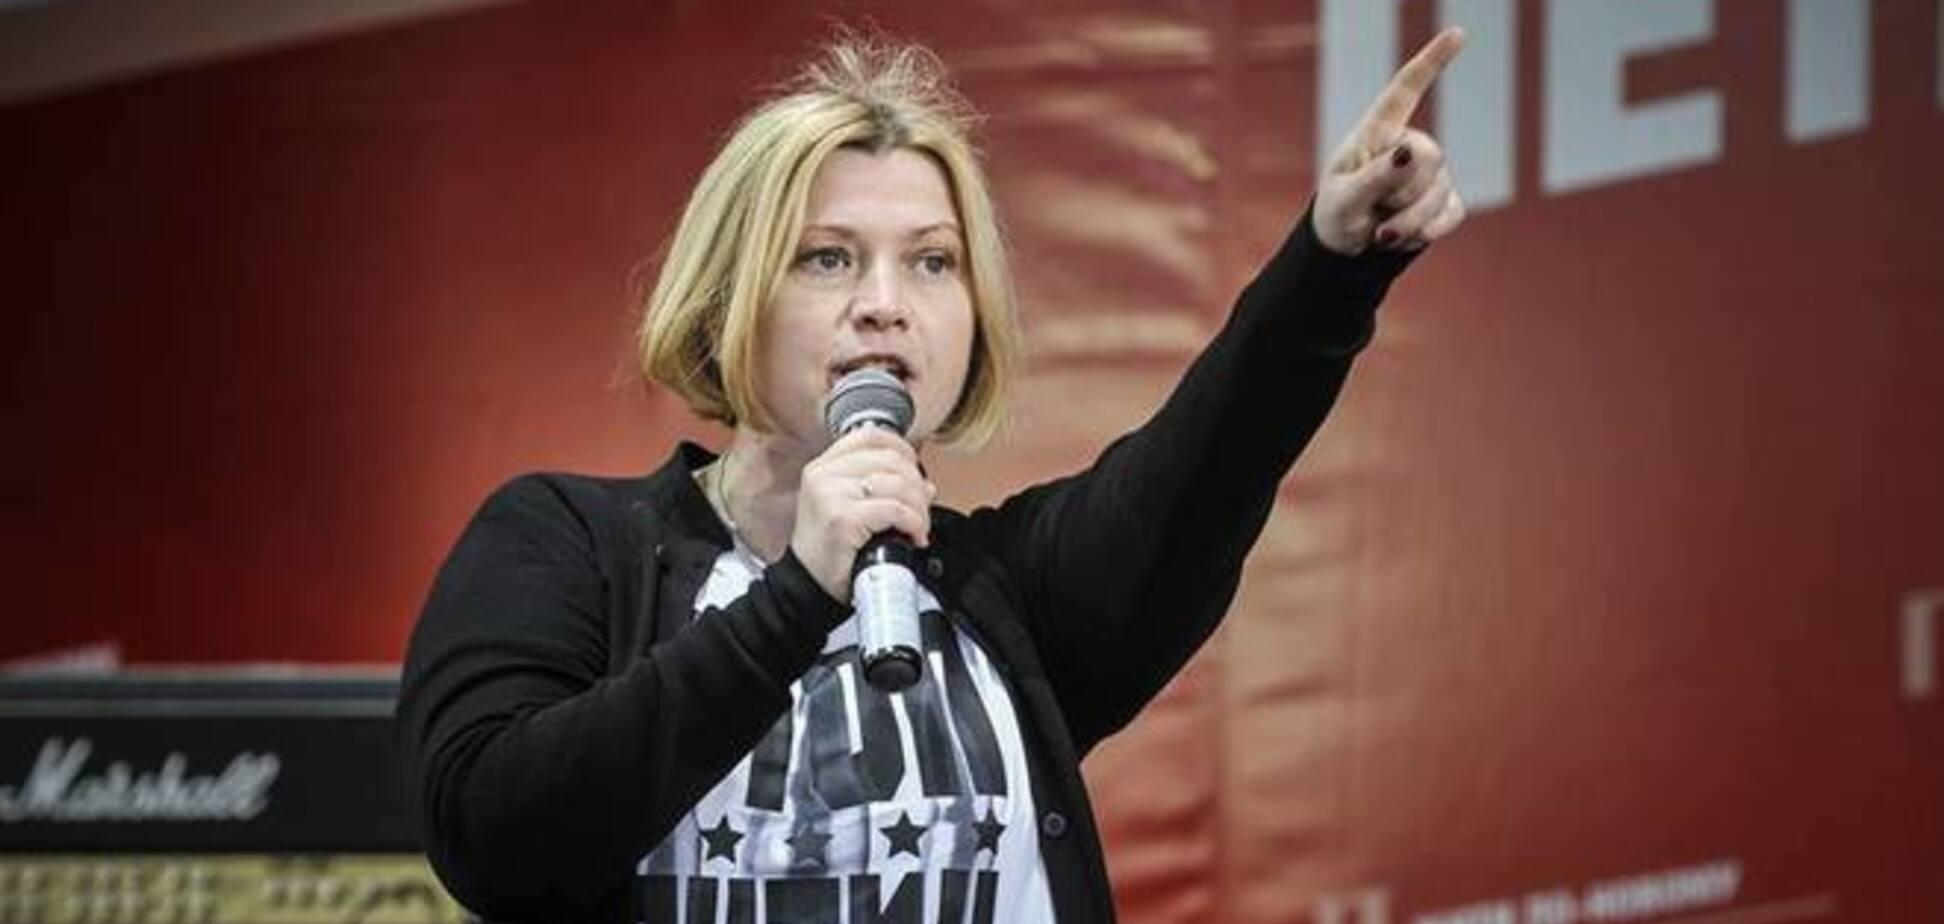 Нардеп Ирина Геращенко на выборы пришла в вышиванке и без макияжа